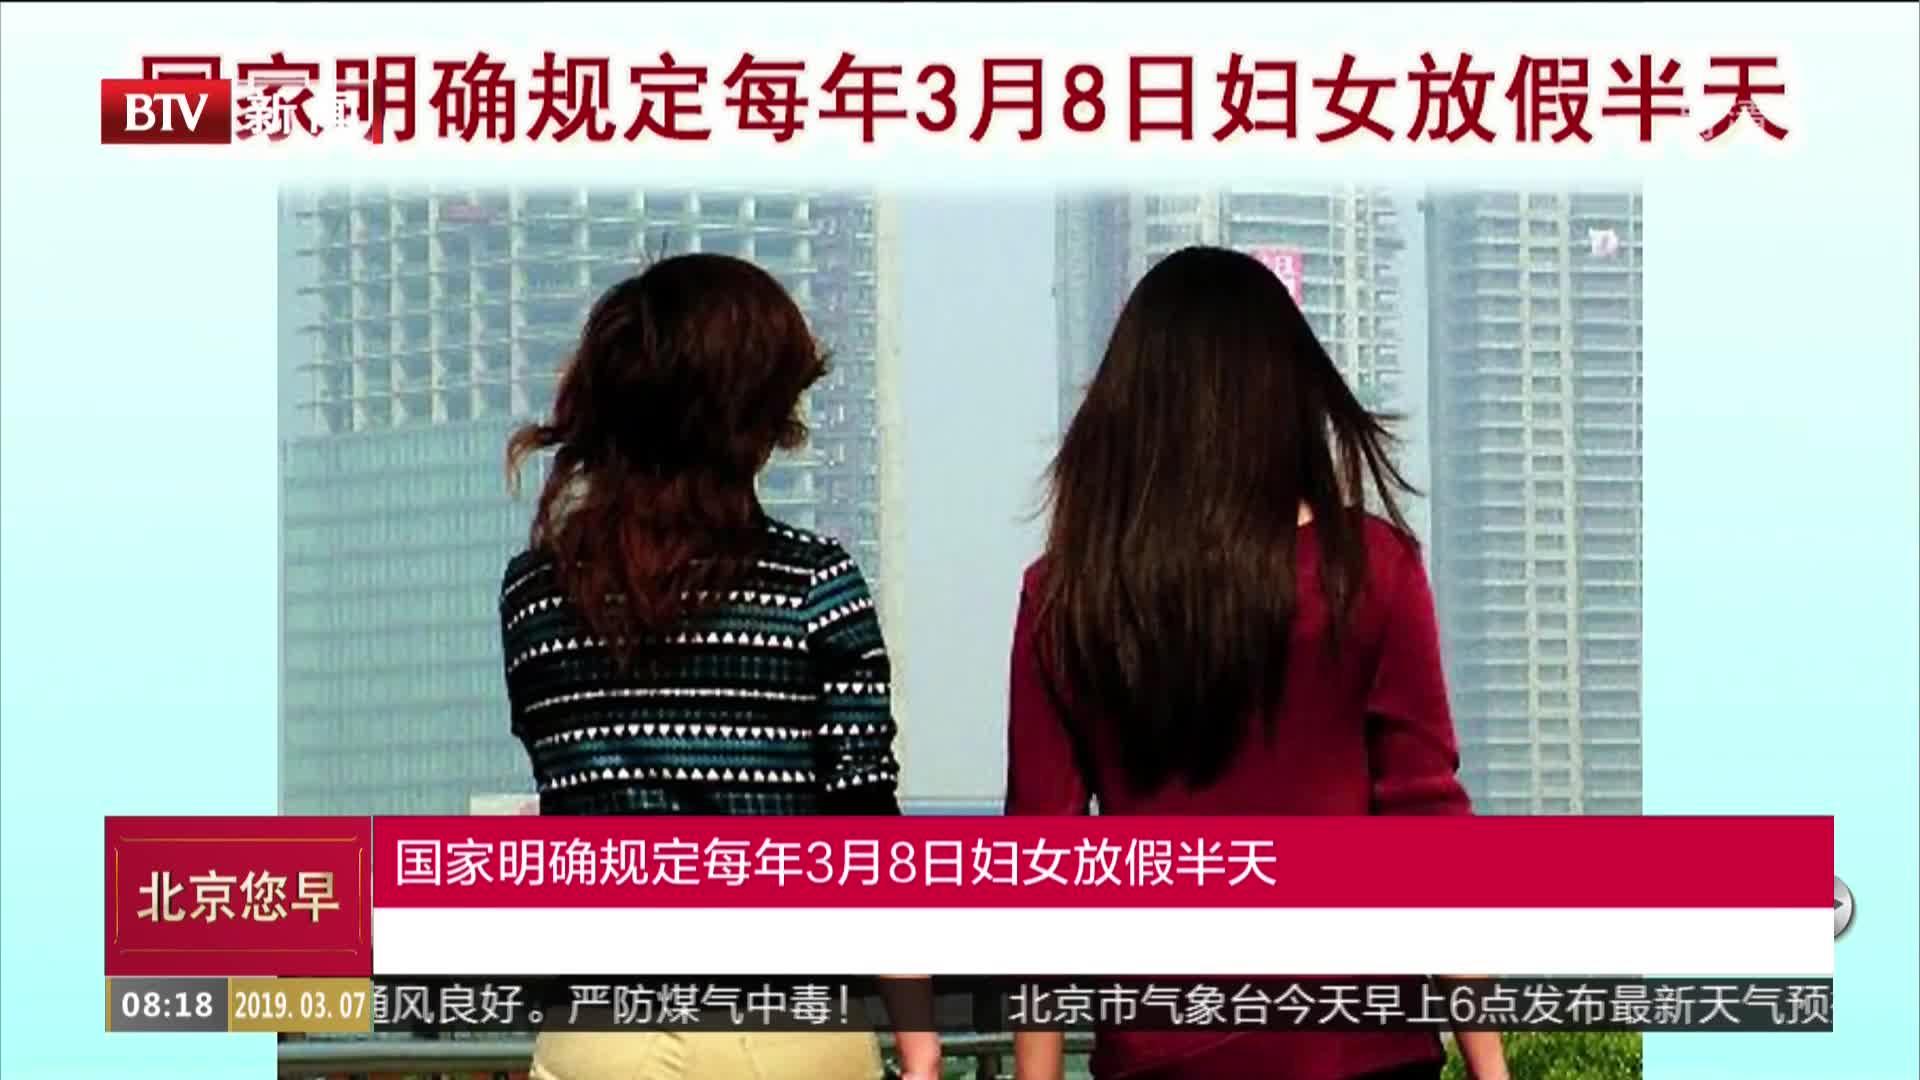 [视频]国家明确规定每年3月8日妇女放假半天